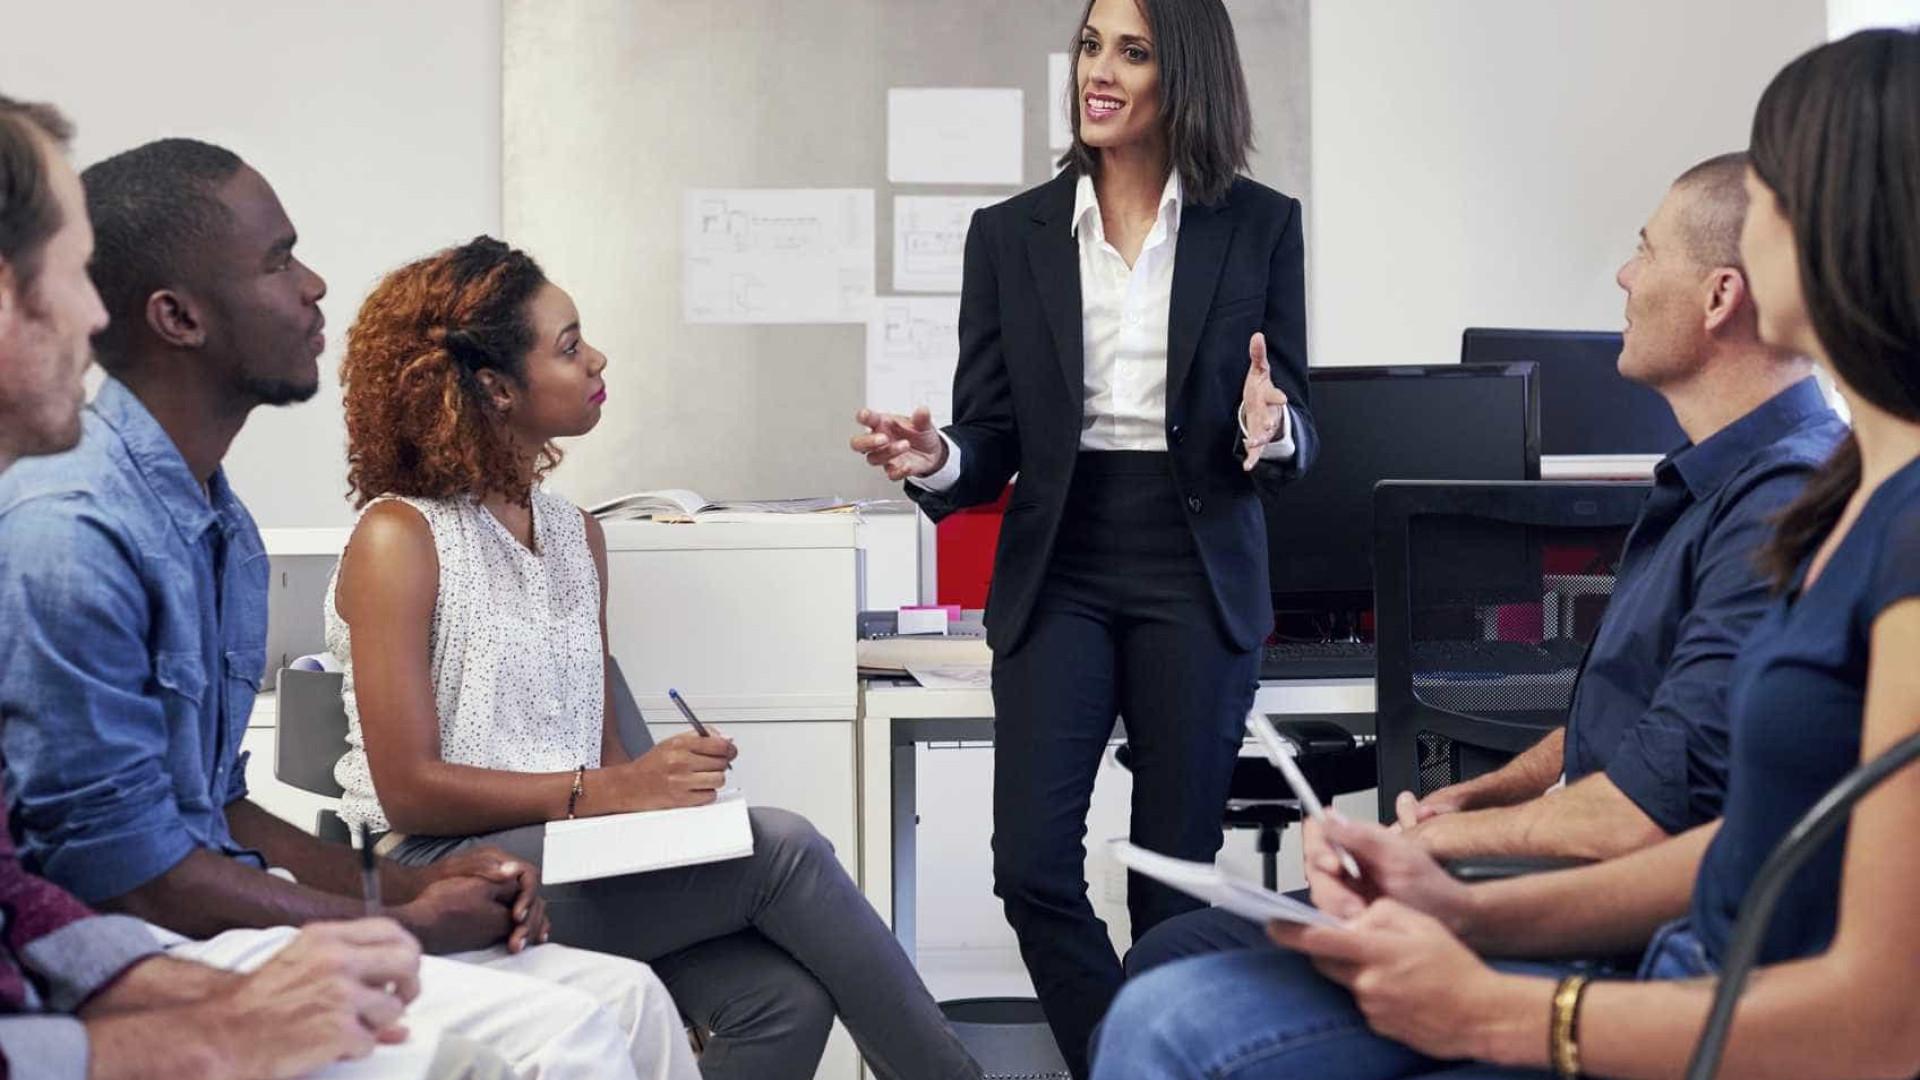 5 medos comuns de quem empreende e como superar essas barreiras